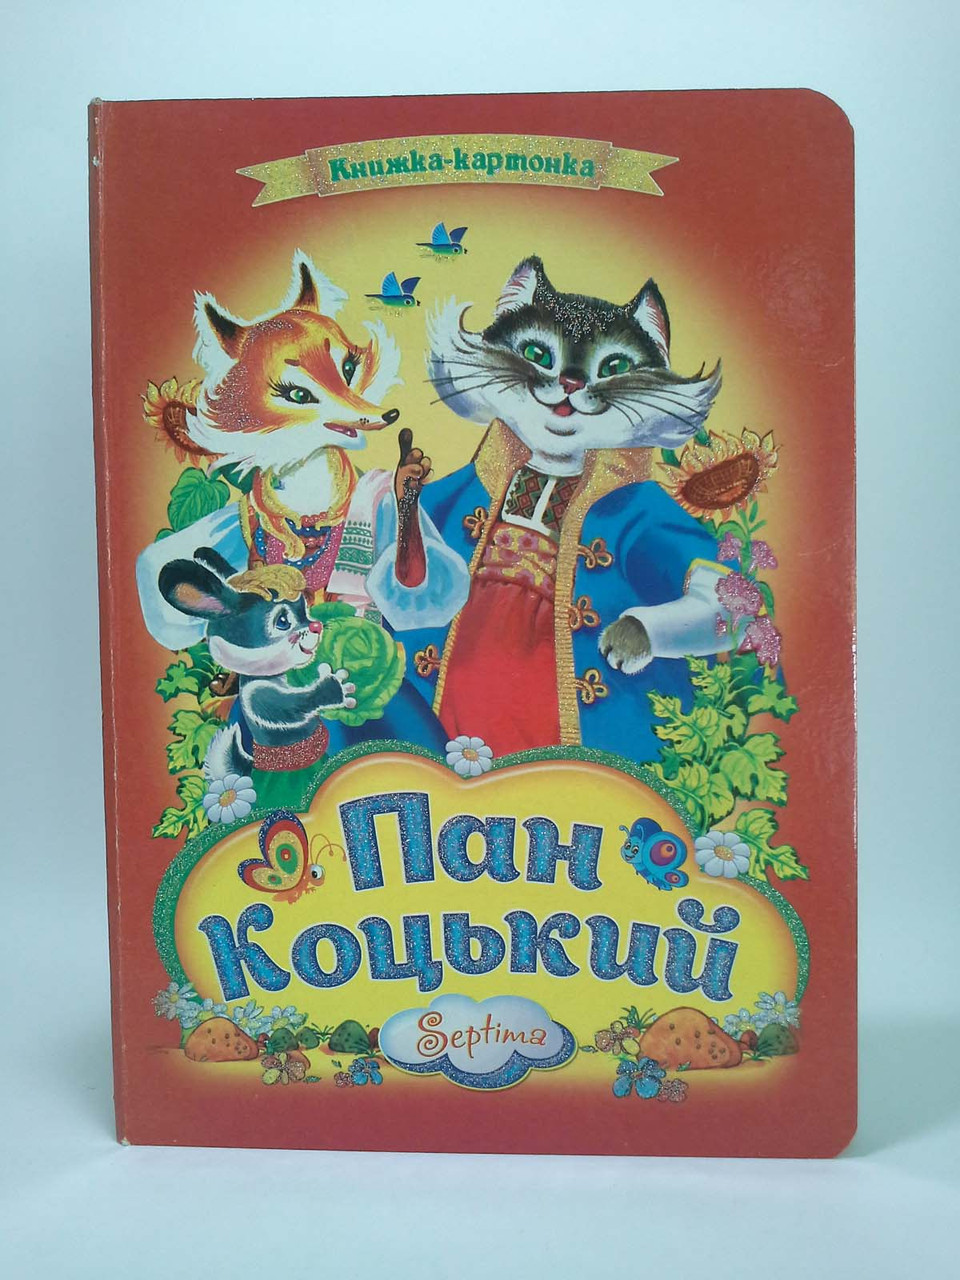 Септіма Книжка-картонка (А4) Пан коцький